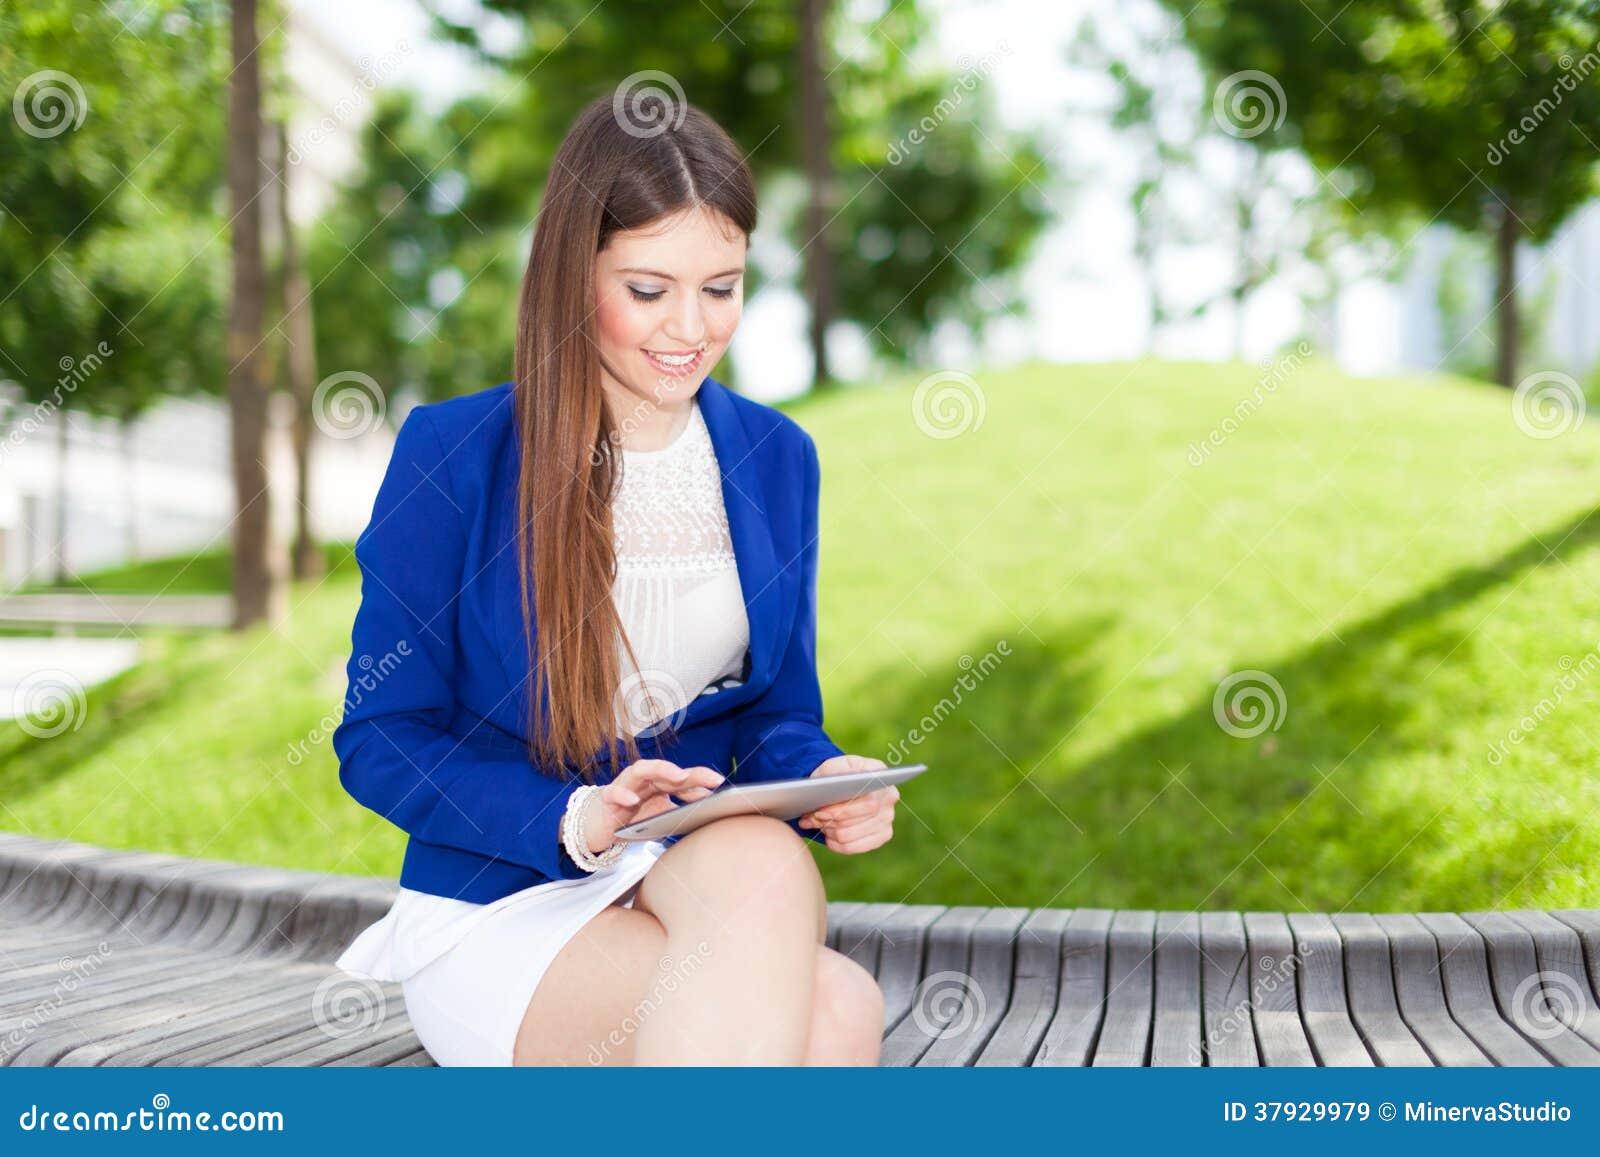 Женщина используя цифровую таблетку